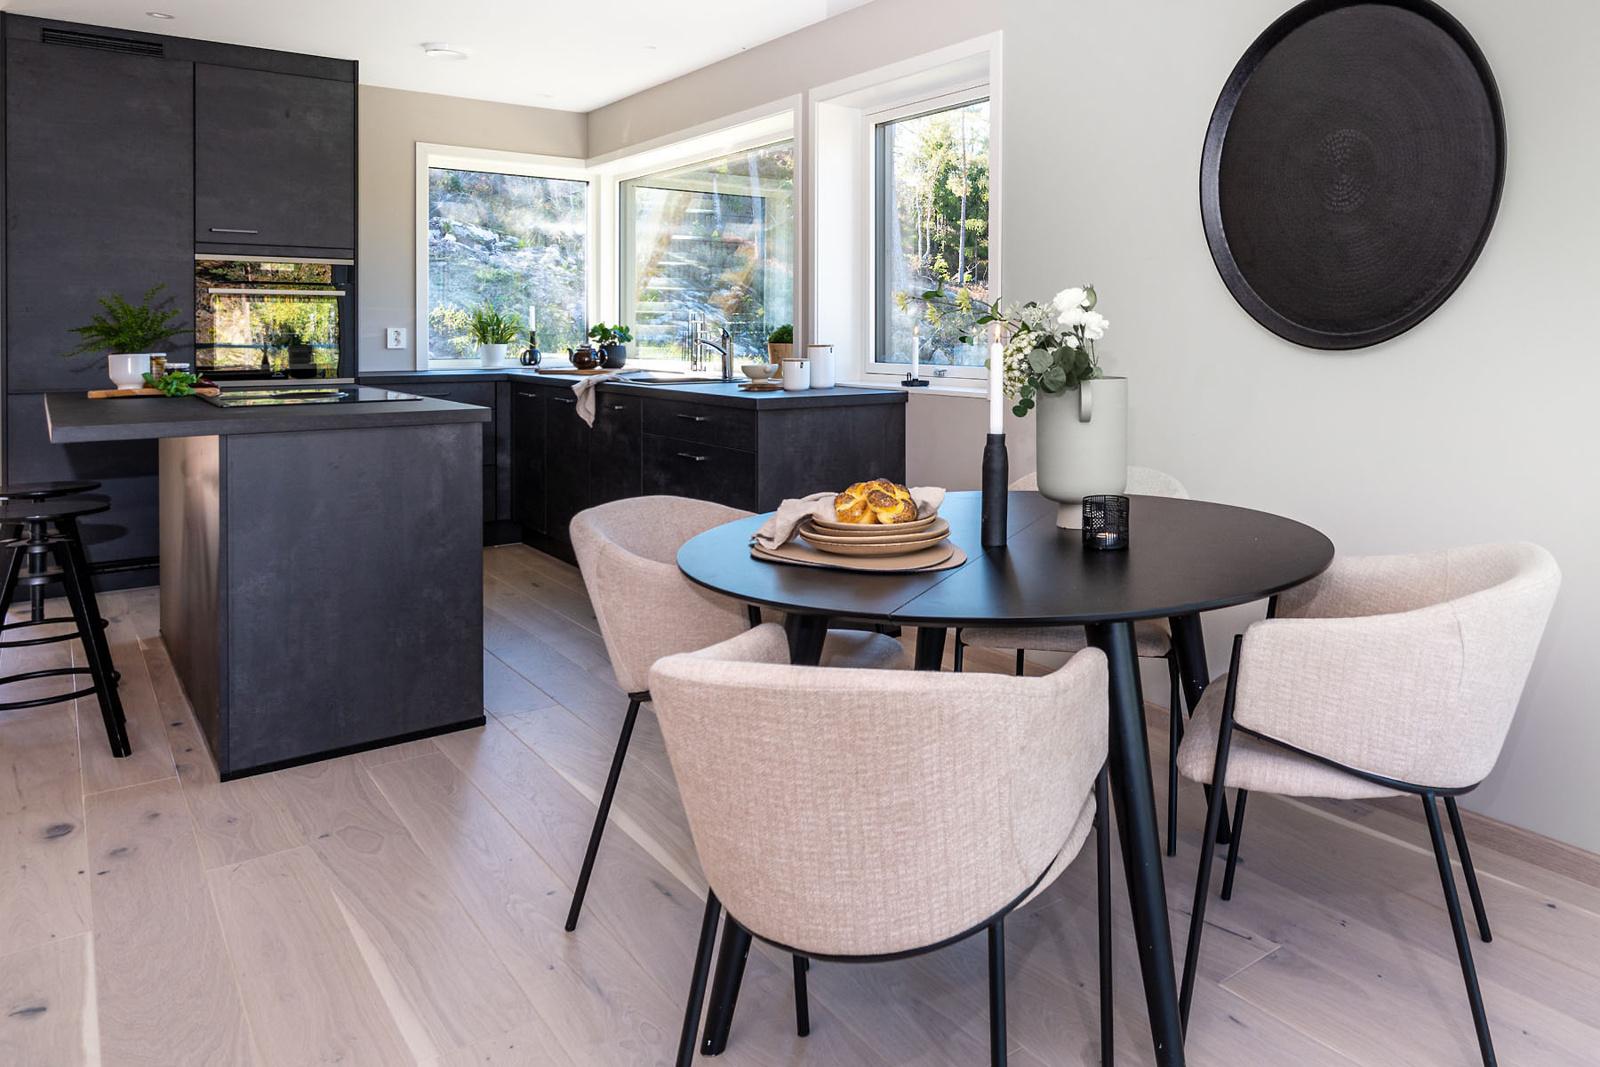 Det er enstavs eikeparkett i stue, kjøkken og på begge soverommene.